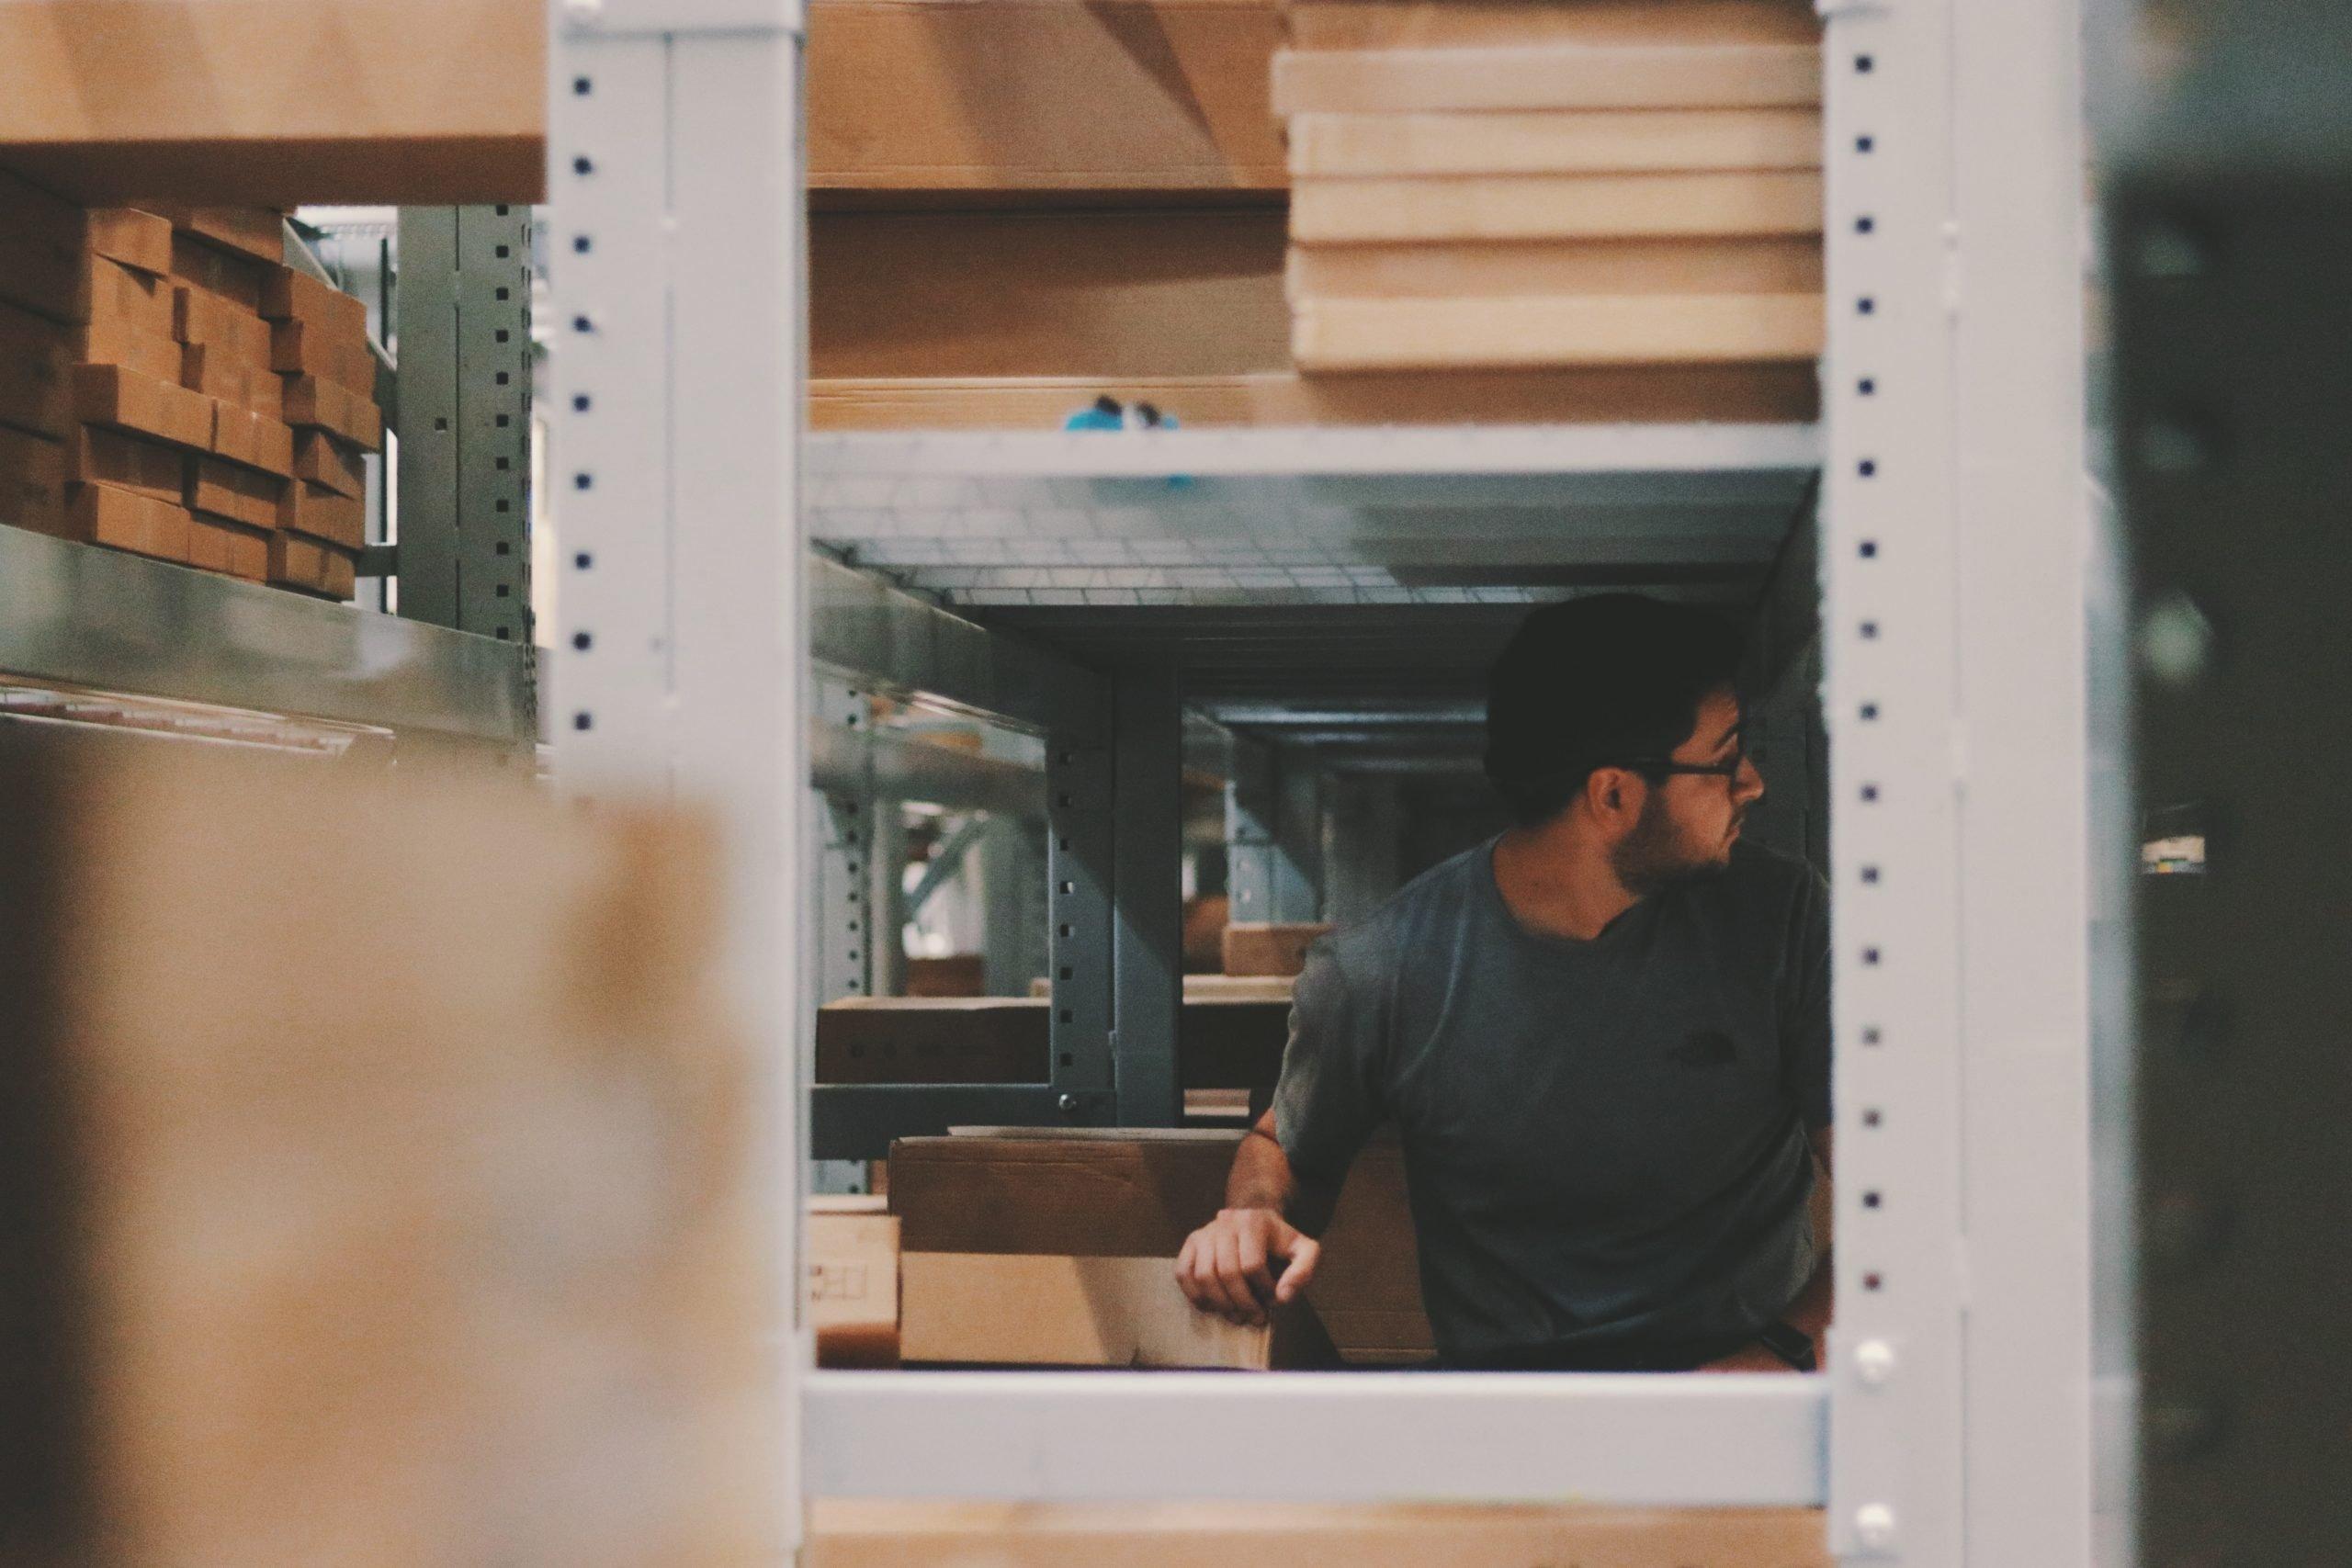 Cómo Optimizar Su Proceso De Recolección En El Almacén